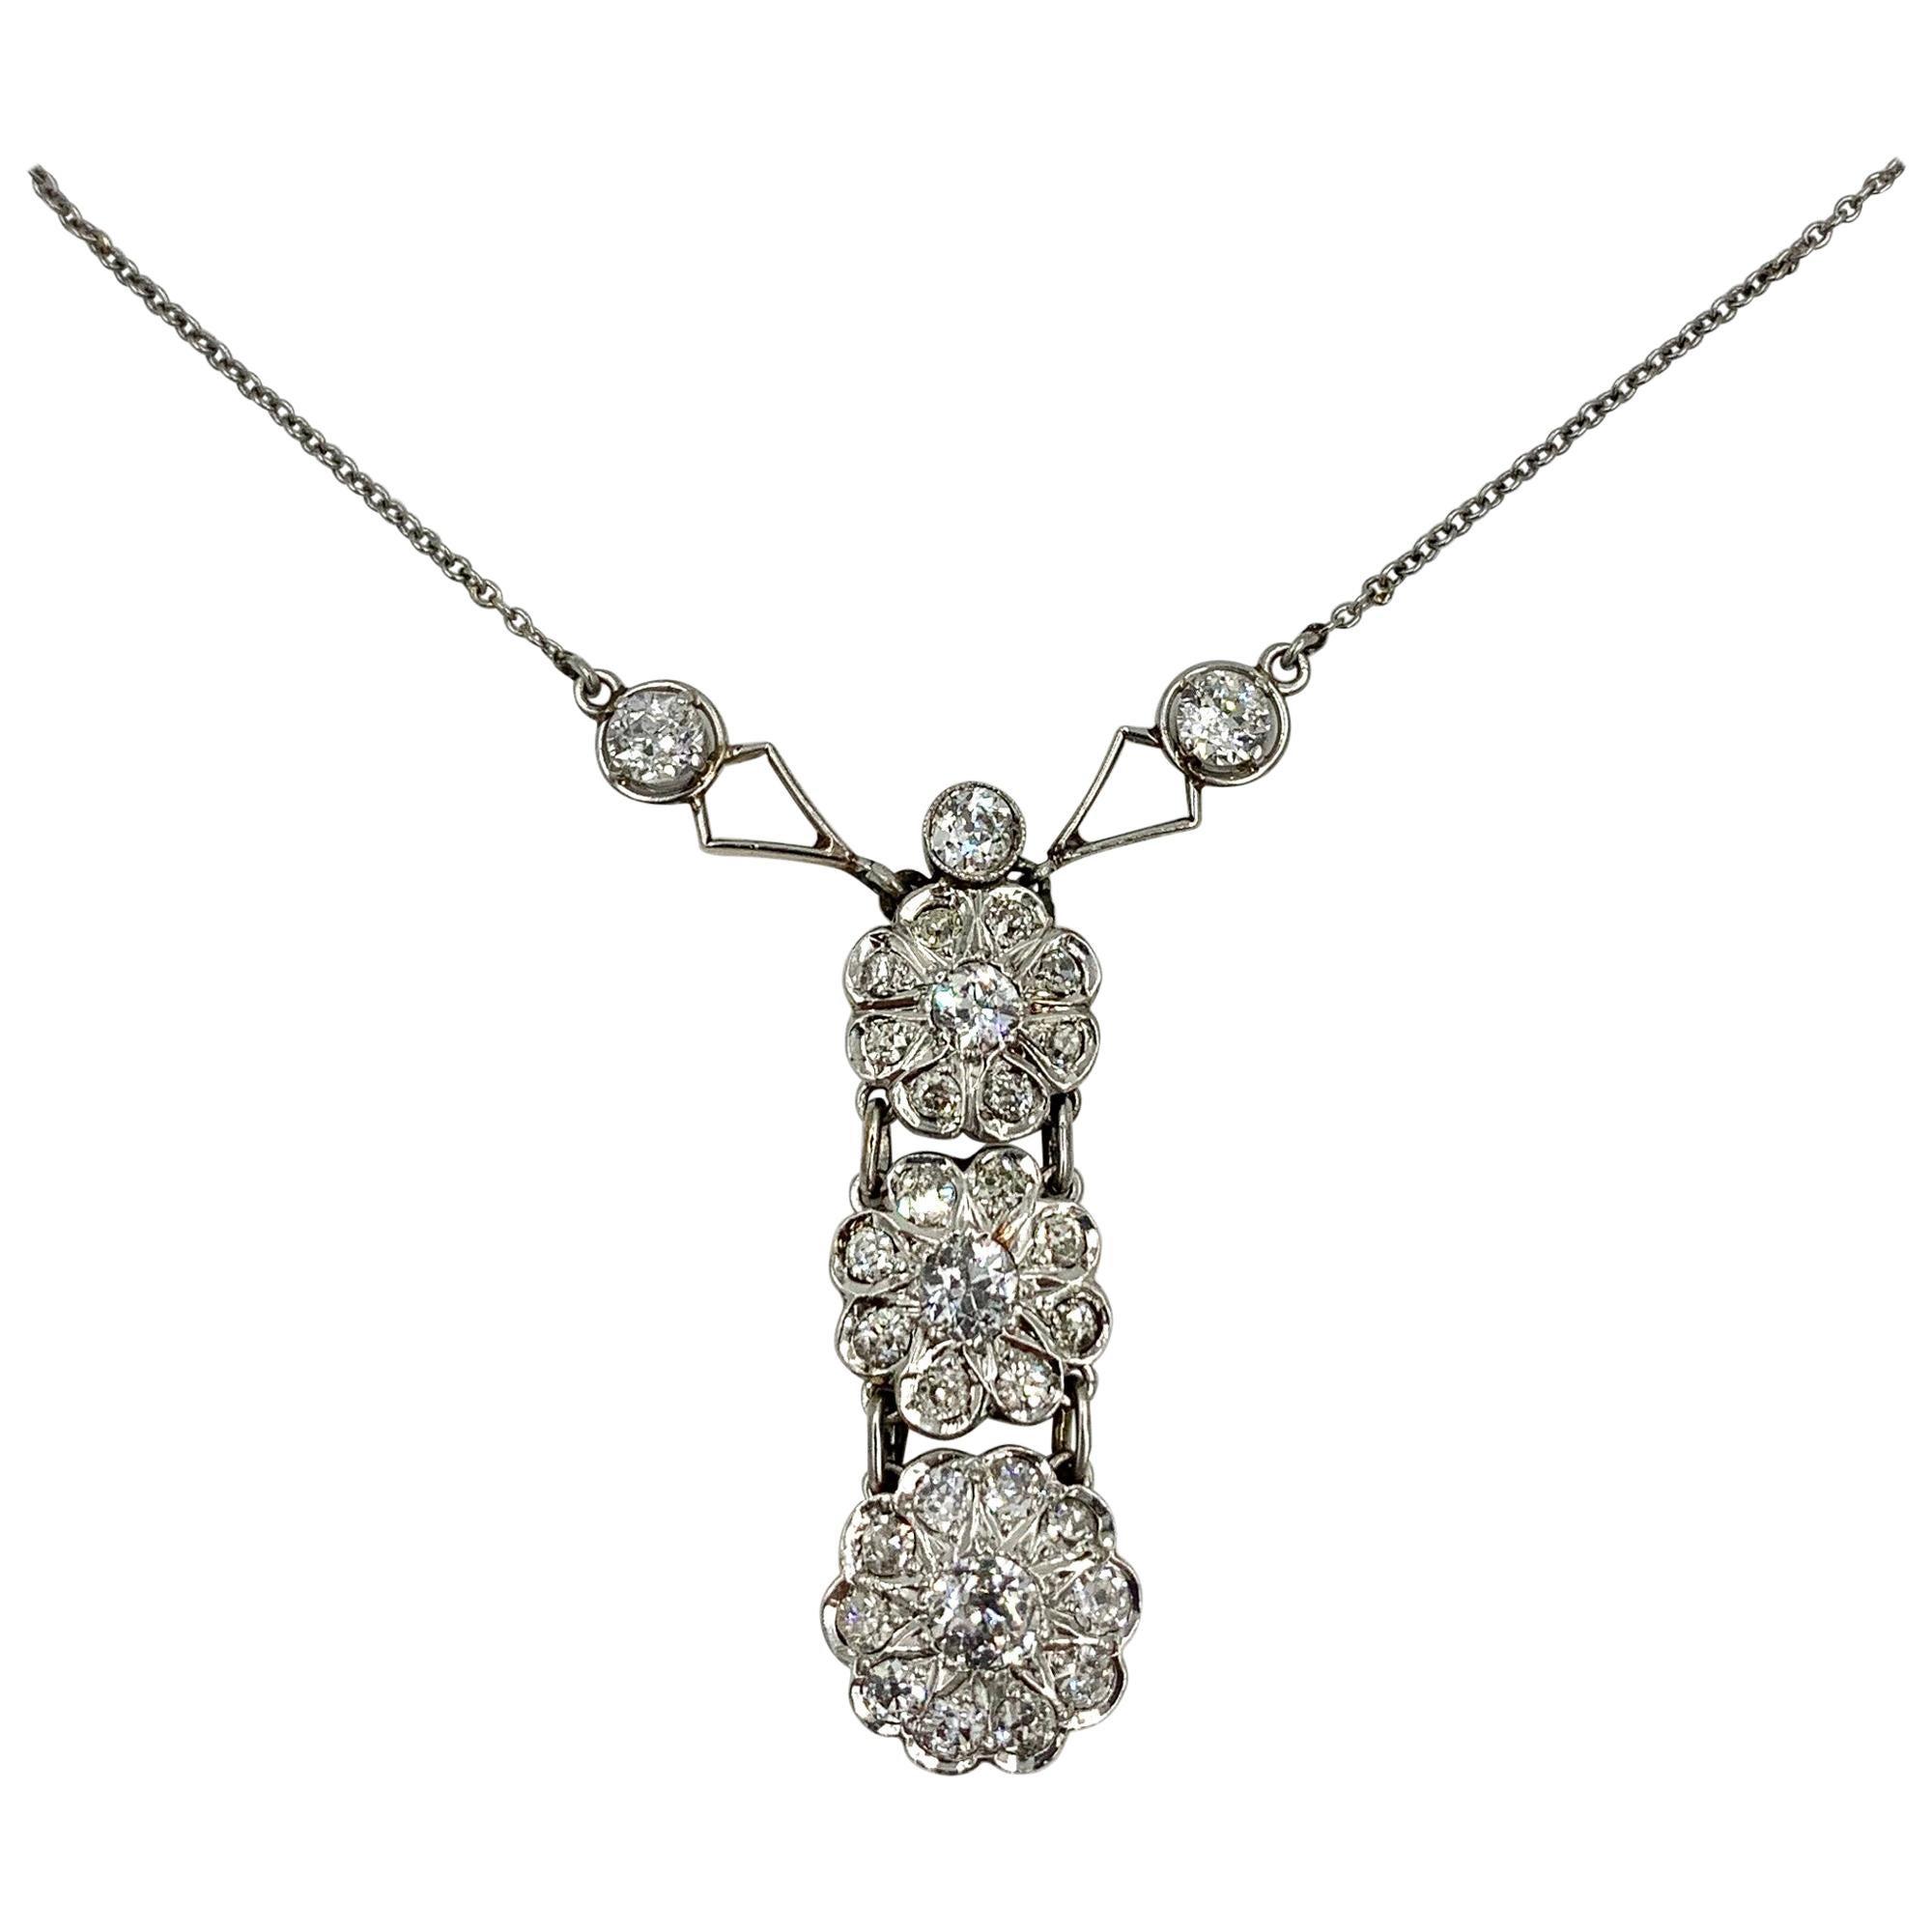 Art Deco 2.7 Carat Old European Cut Diamond Platinum Pendant Necklace Antique